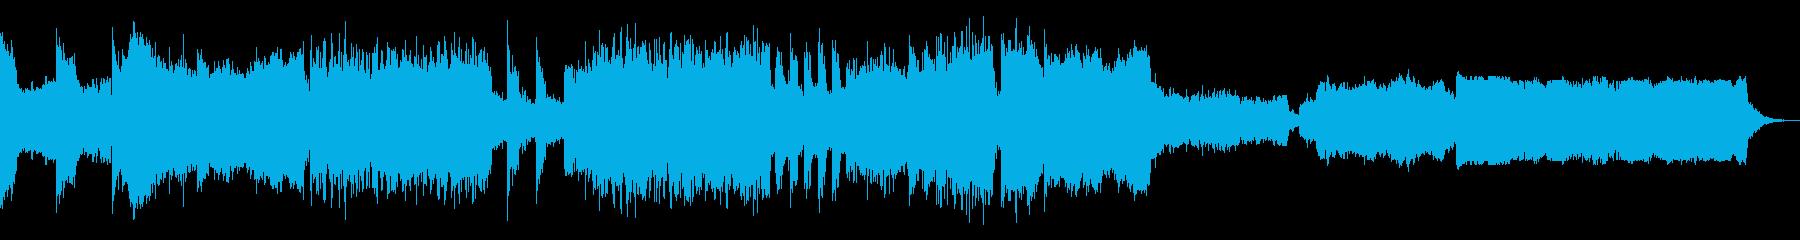 荘厳なパイプオルガン×メタル風ロックの再生済みの波形